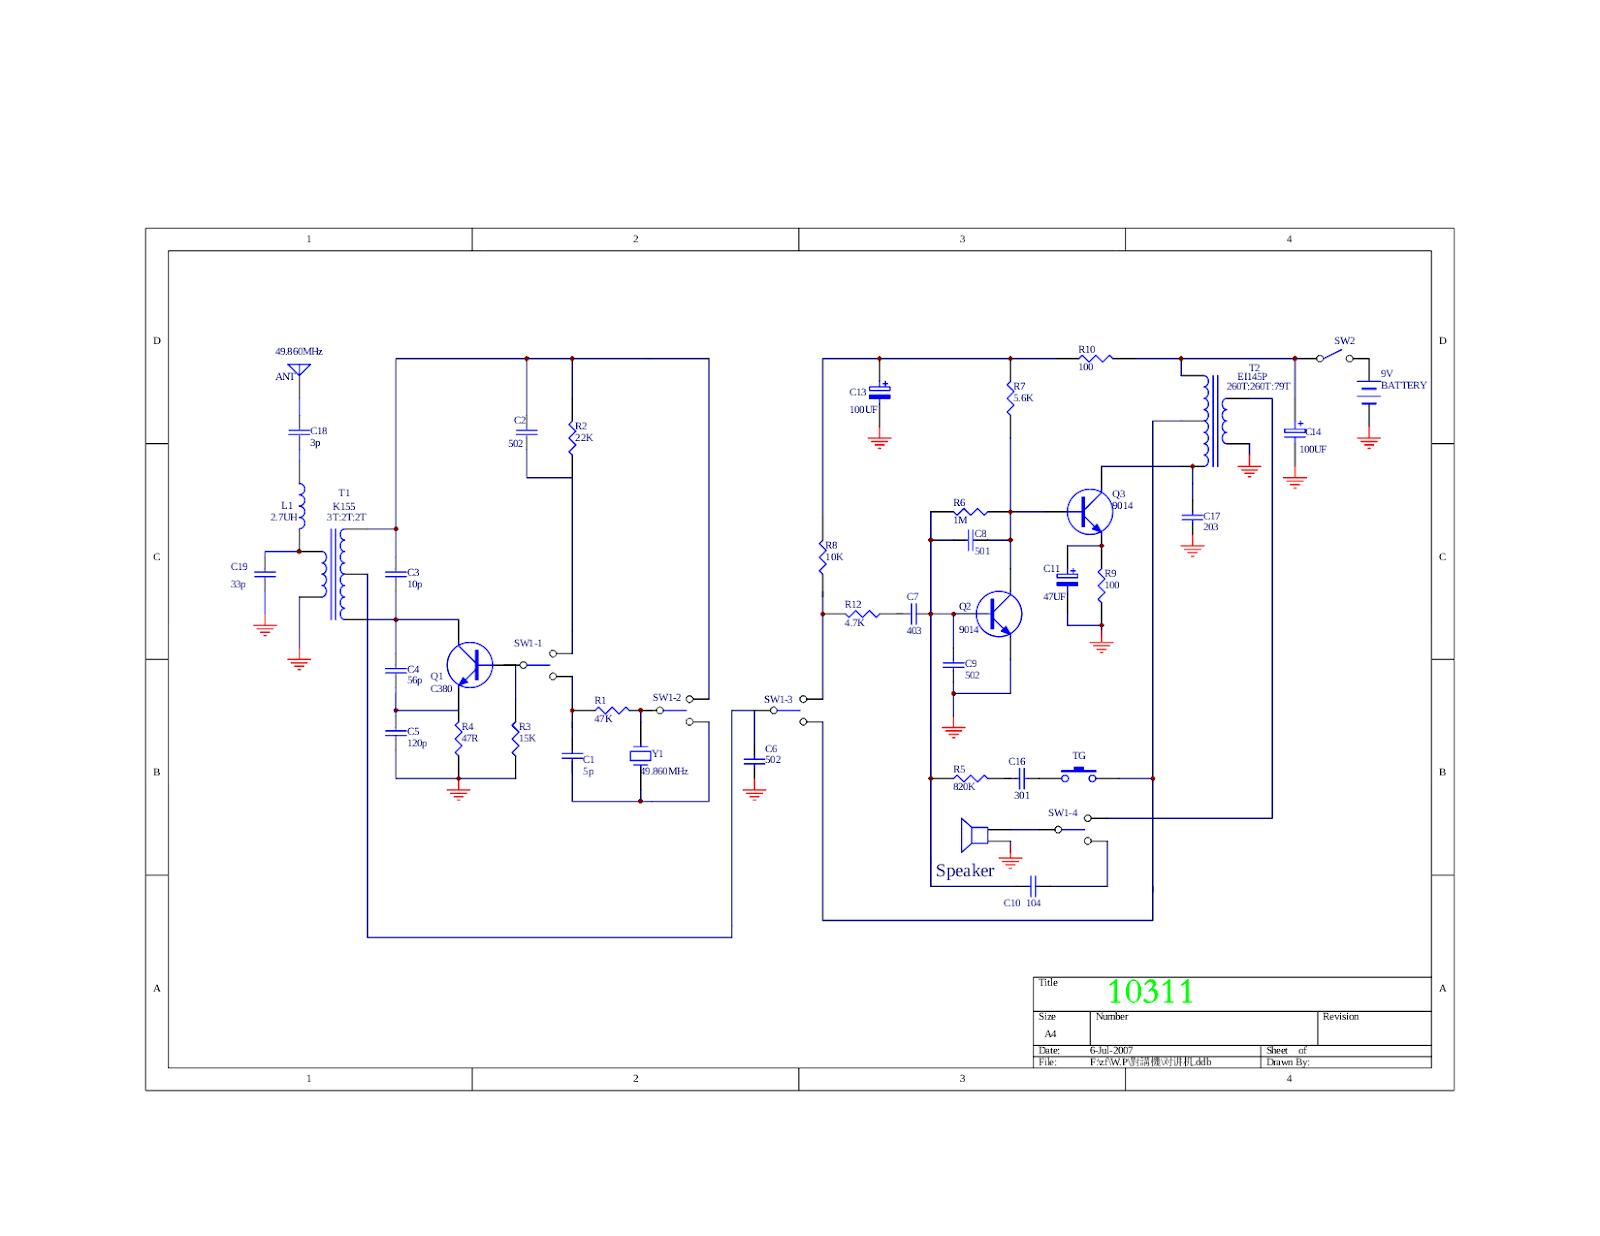 Circuit Diagram To Make A Walkie Talkie Free Download Wiring Diagram ...